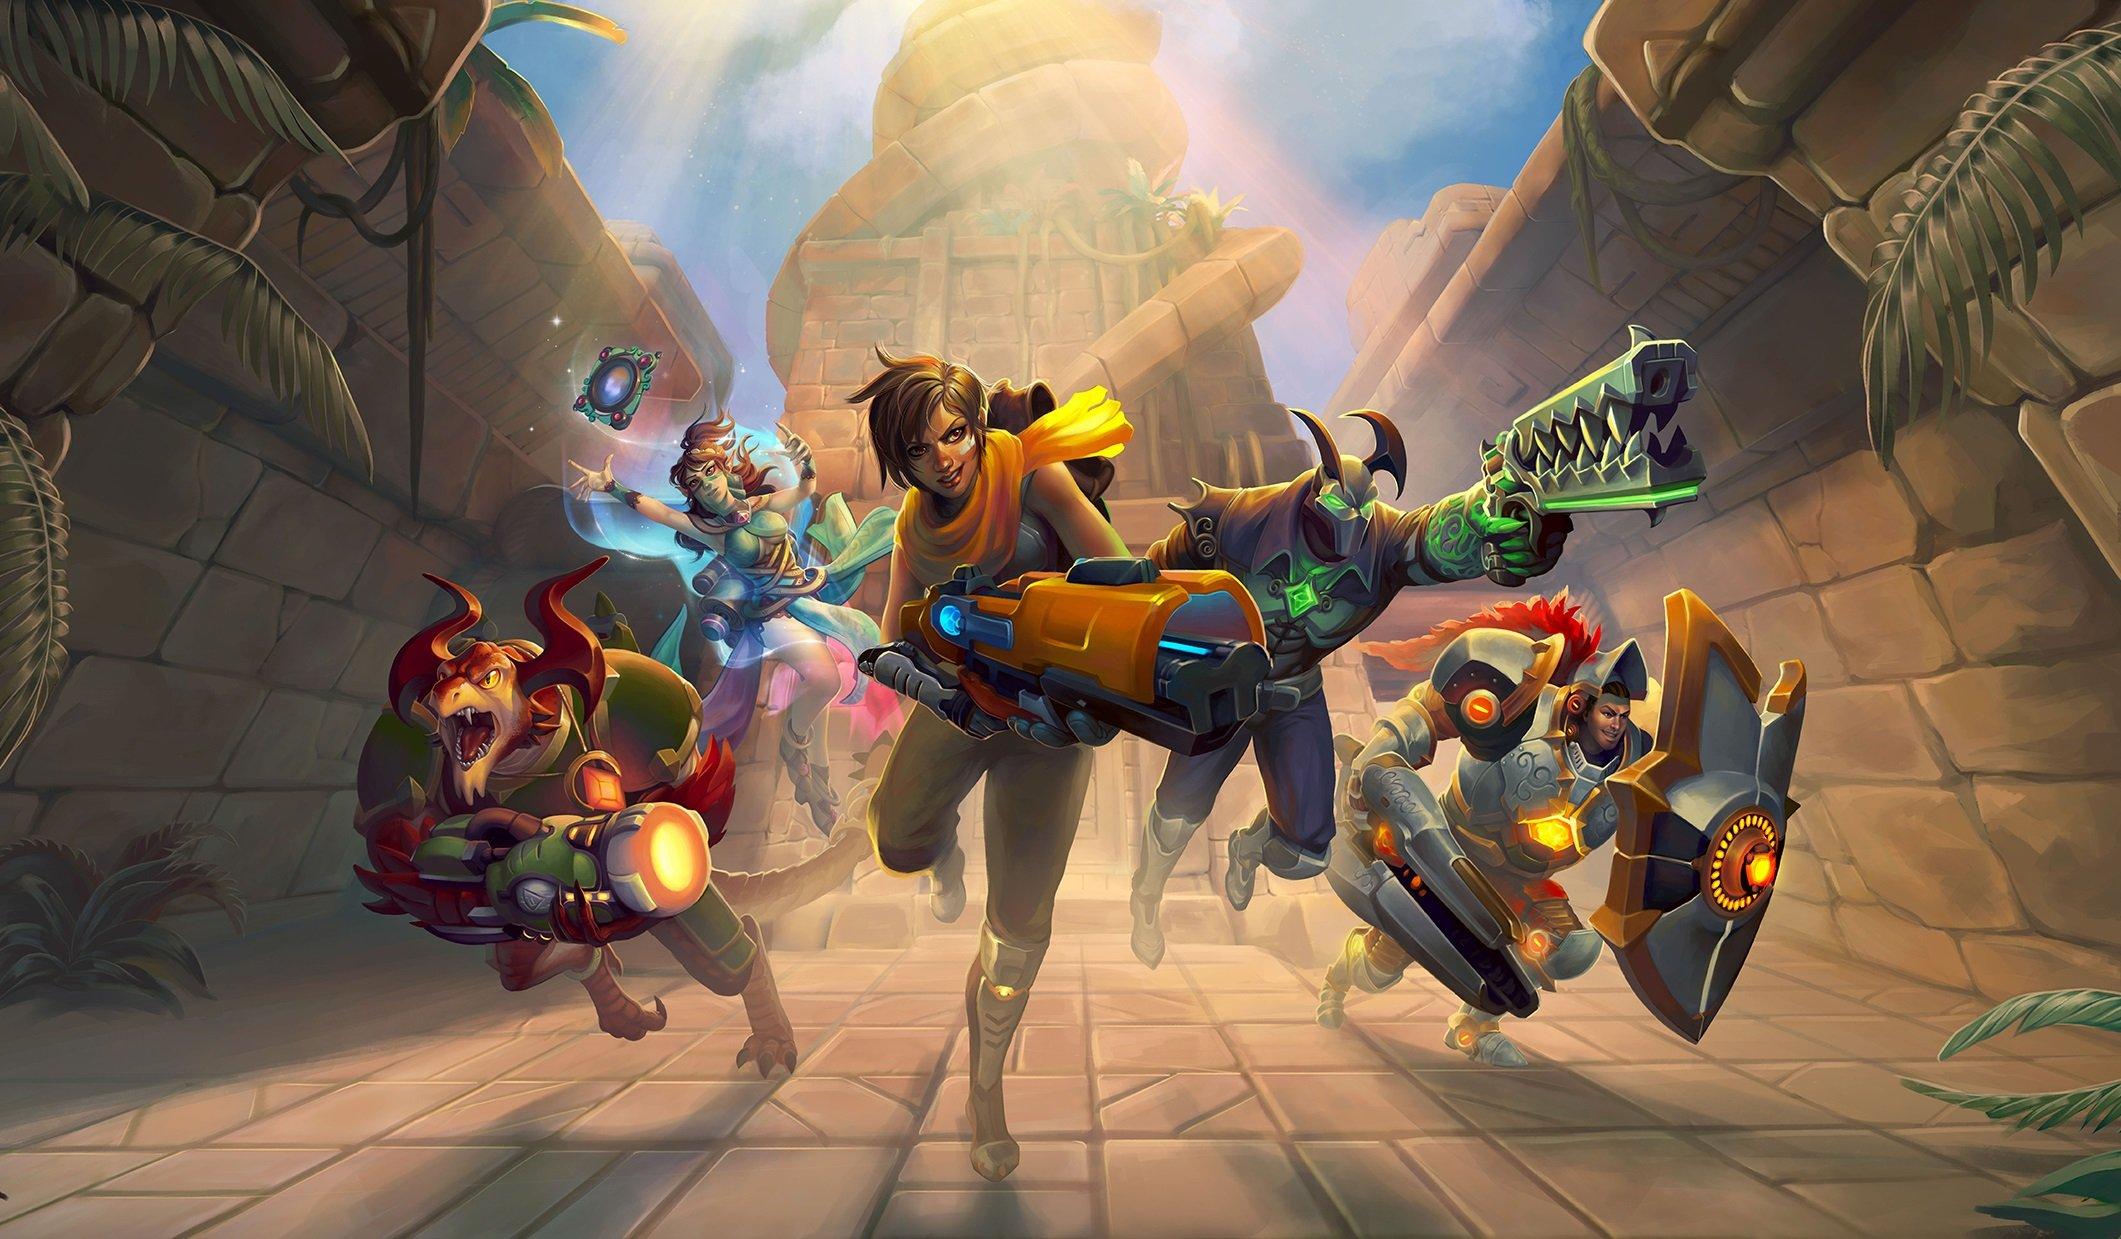 Hi-Rez confirme la sortie de Paladins sur Nintendo Switch